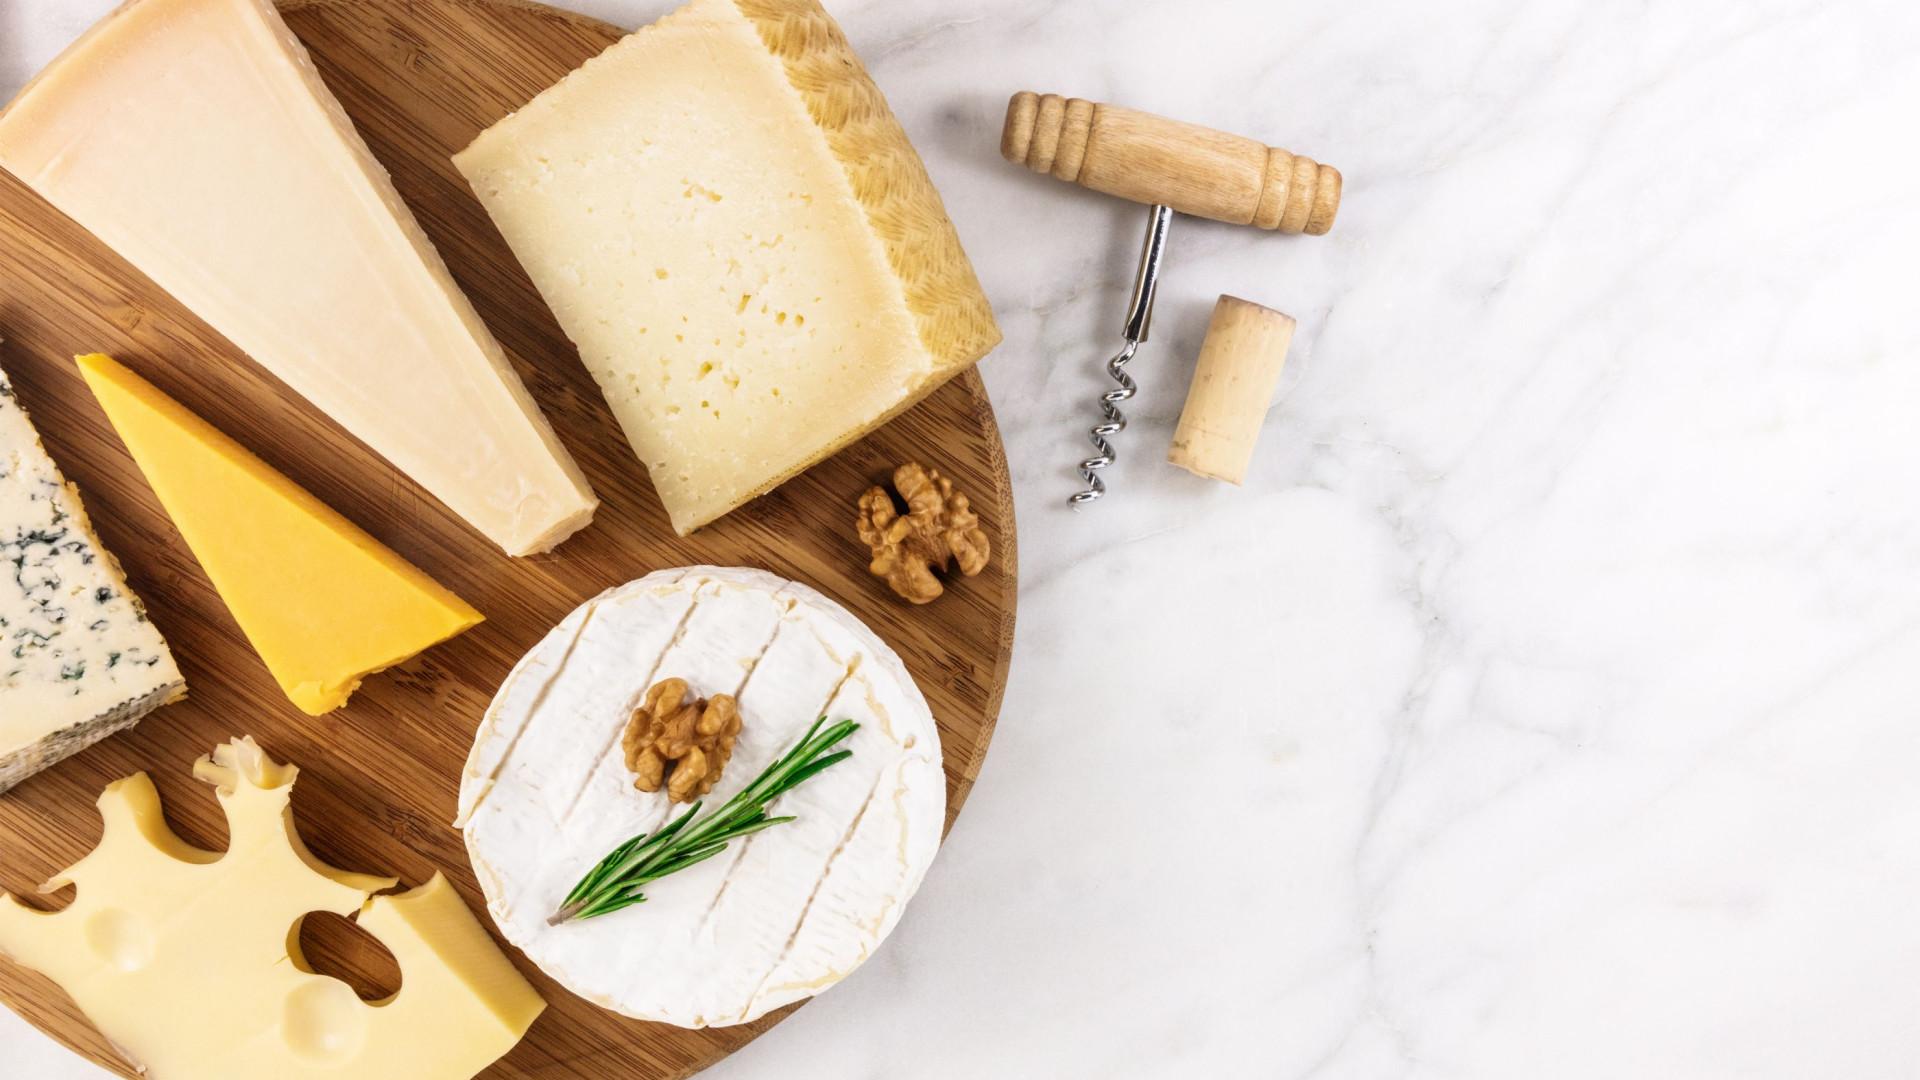 Se gosta de queijo, estes são os três cuidados obrigatórios